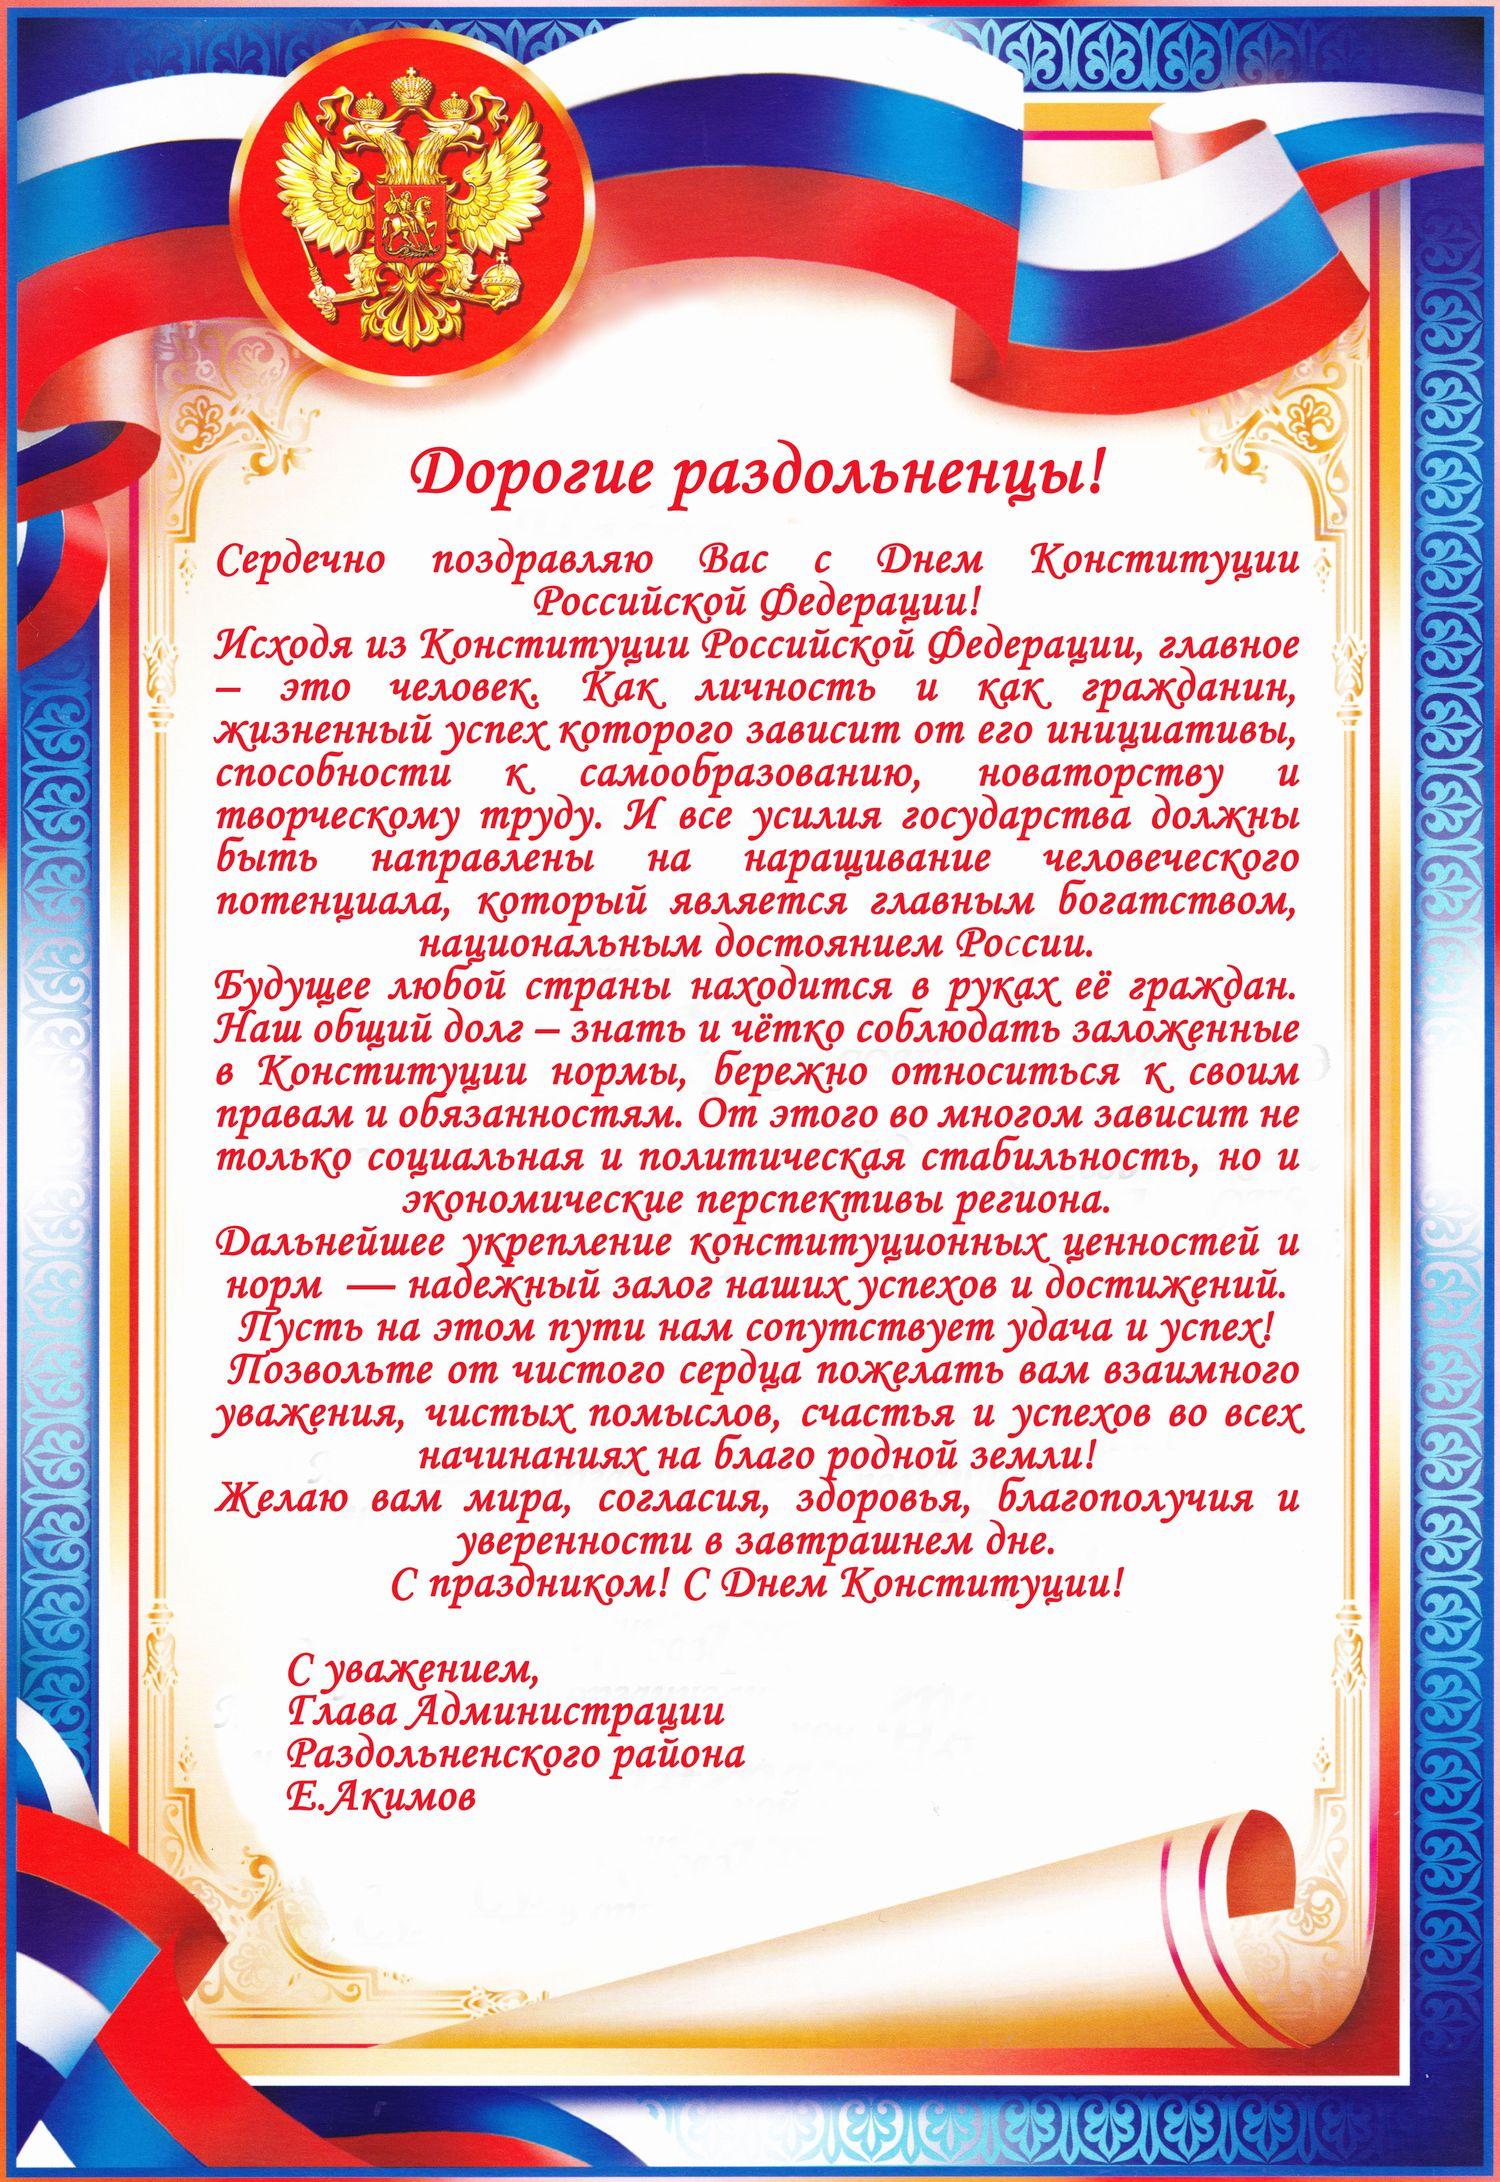 поздравление глав администраций с днем конституции сегодняшний день